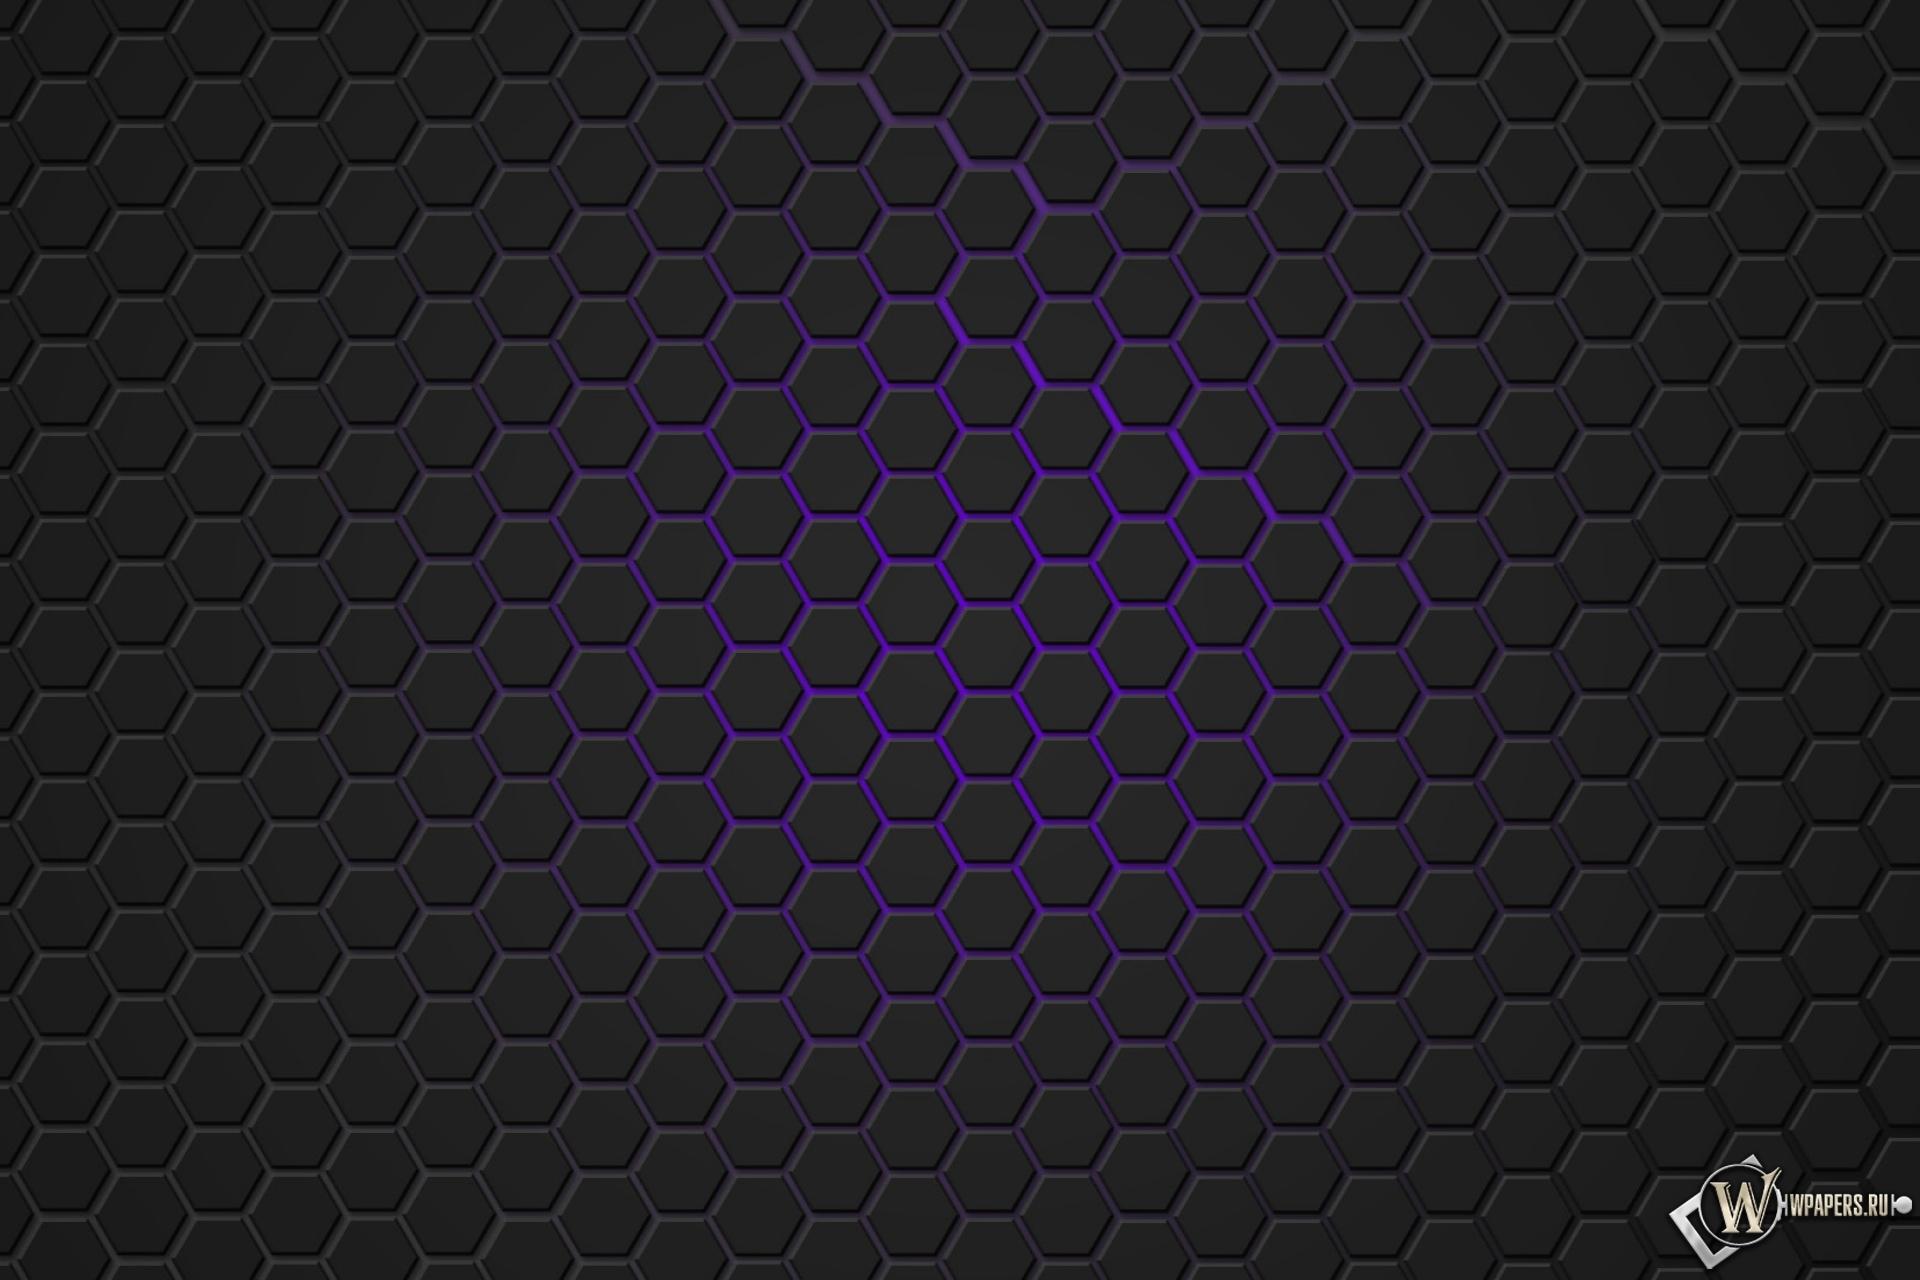 Фиолетовая гексагональная решётка 1920x1280